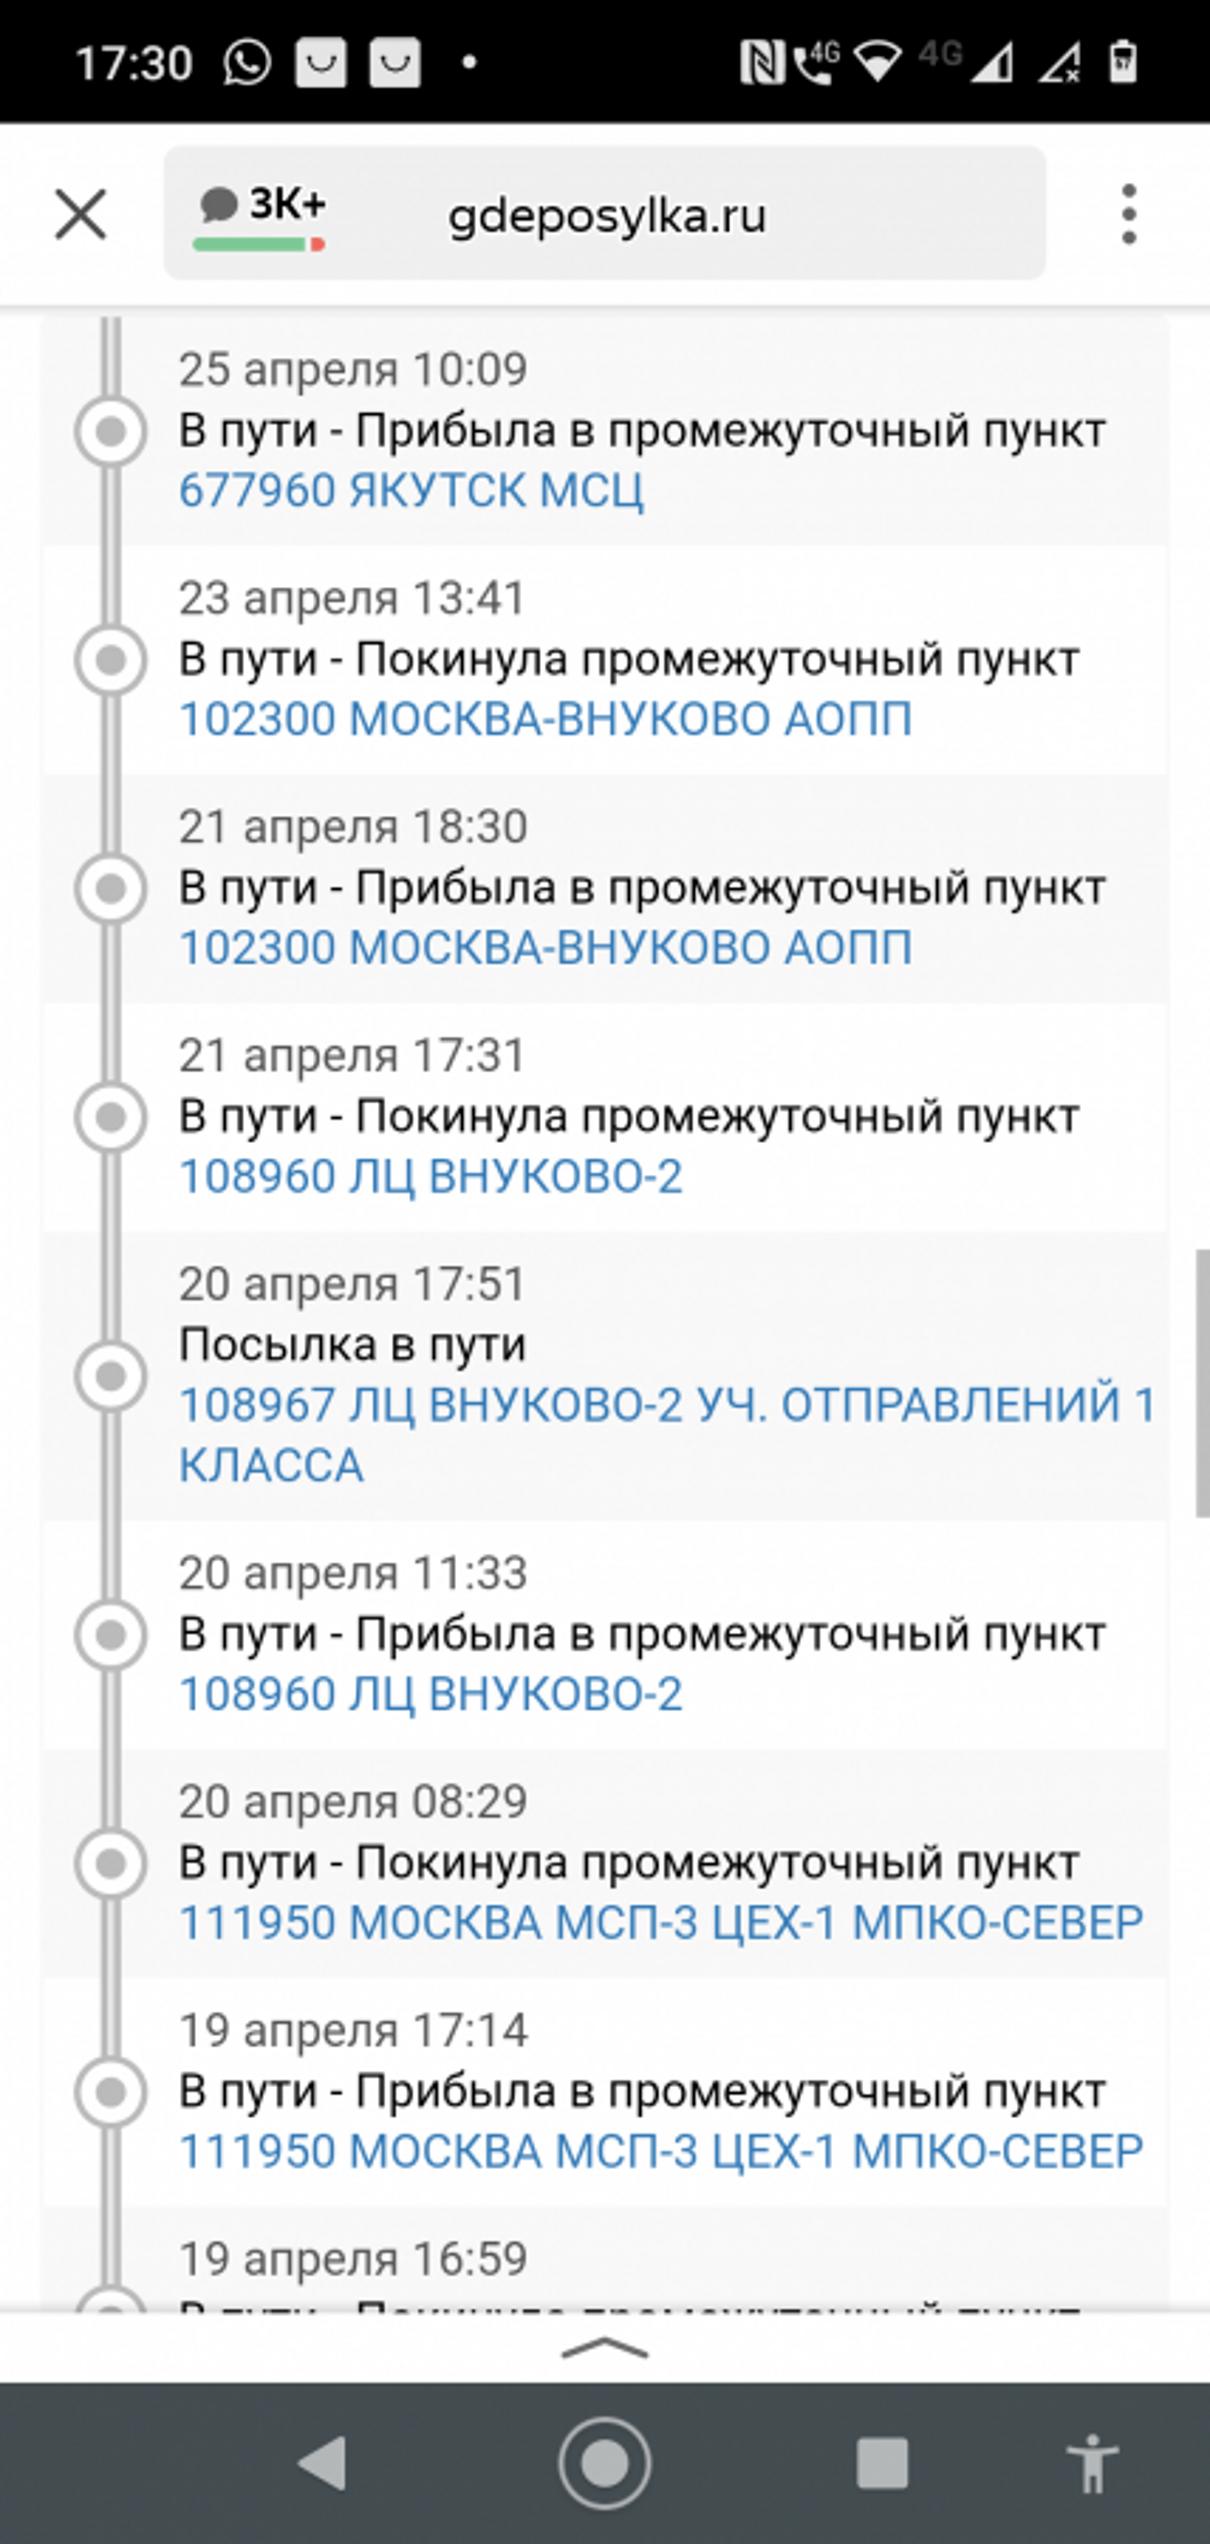 Жалоба-отзыв: Почта России - Работа почты.  Фото №1